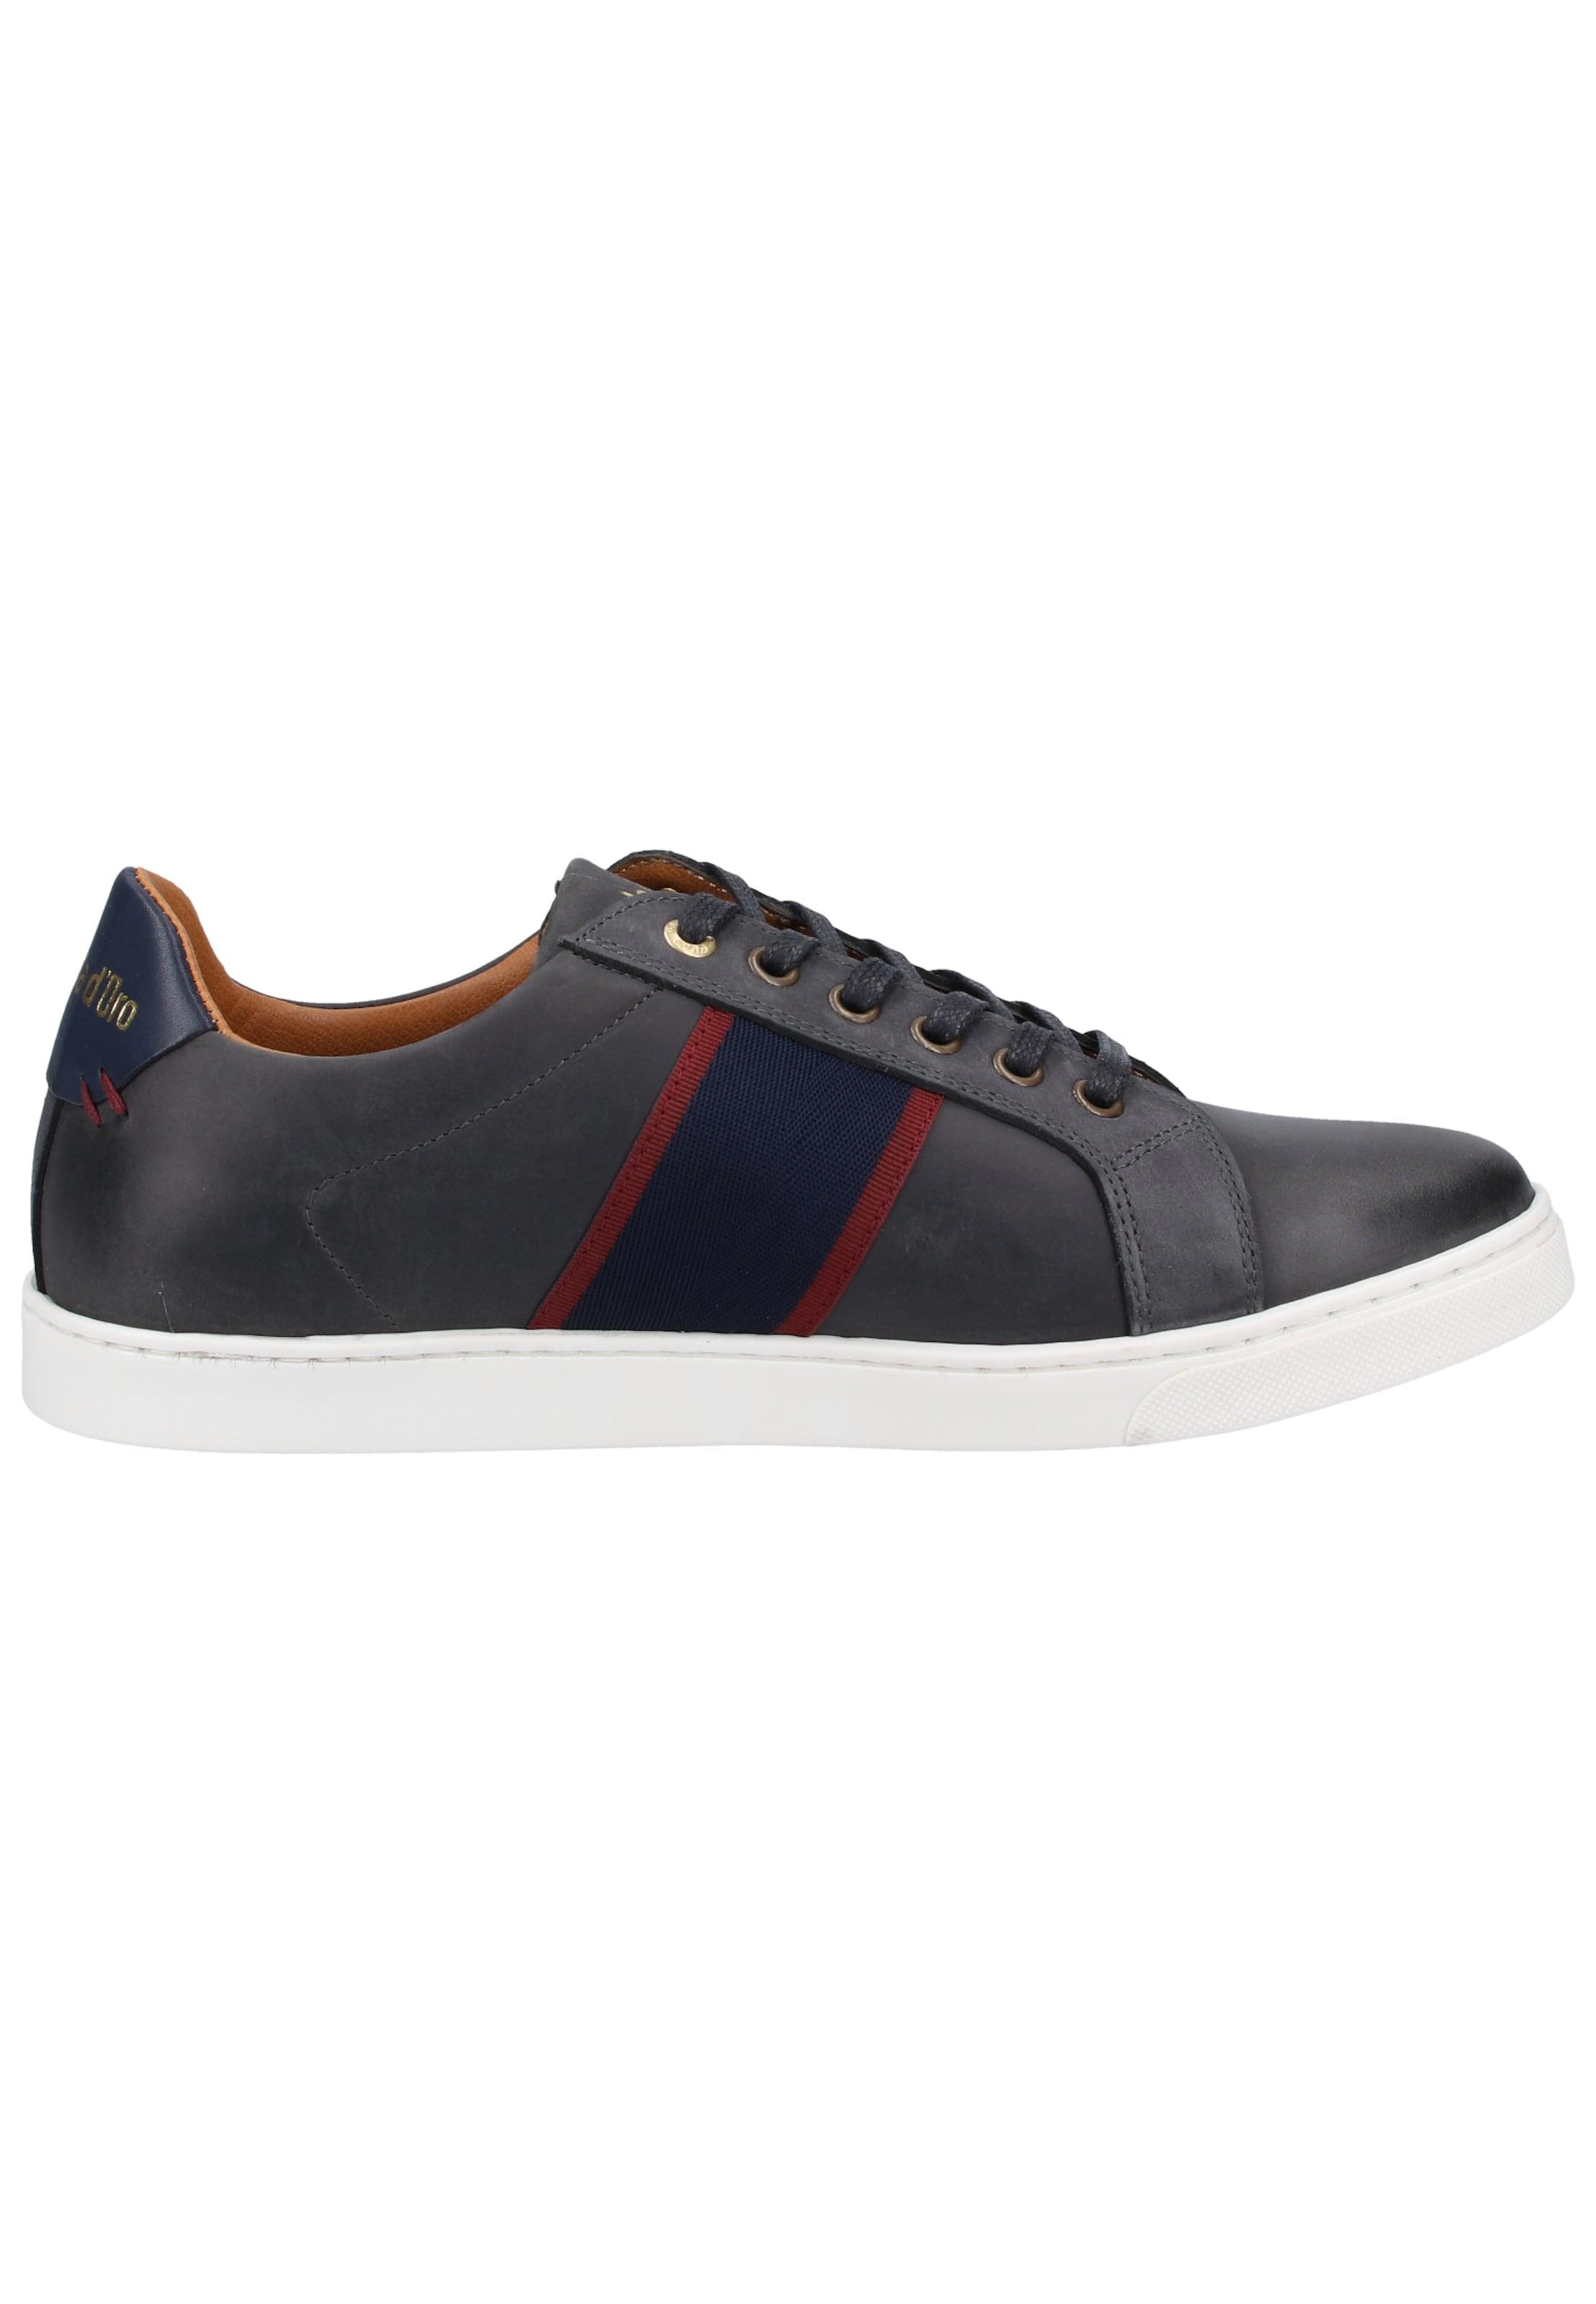 Pantofola D'oro Grau In Sneaker Pantofola D'oro e2YEbWDHI9